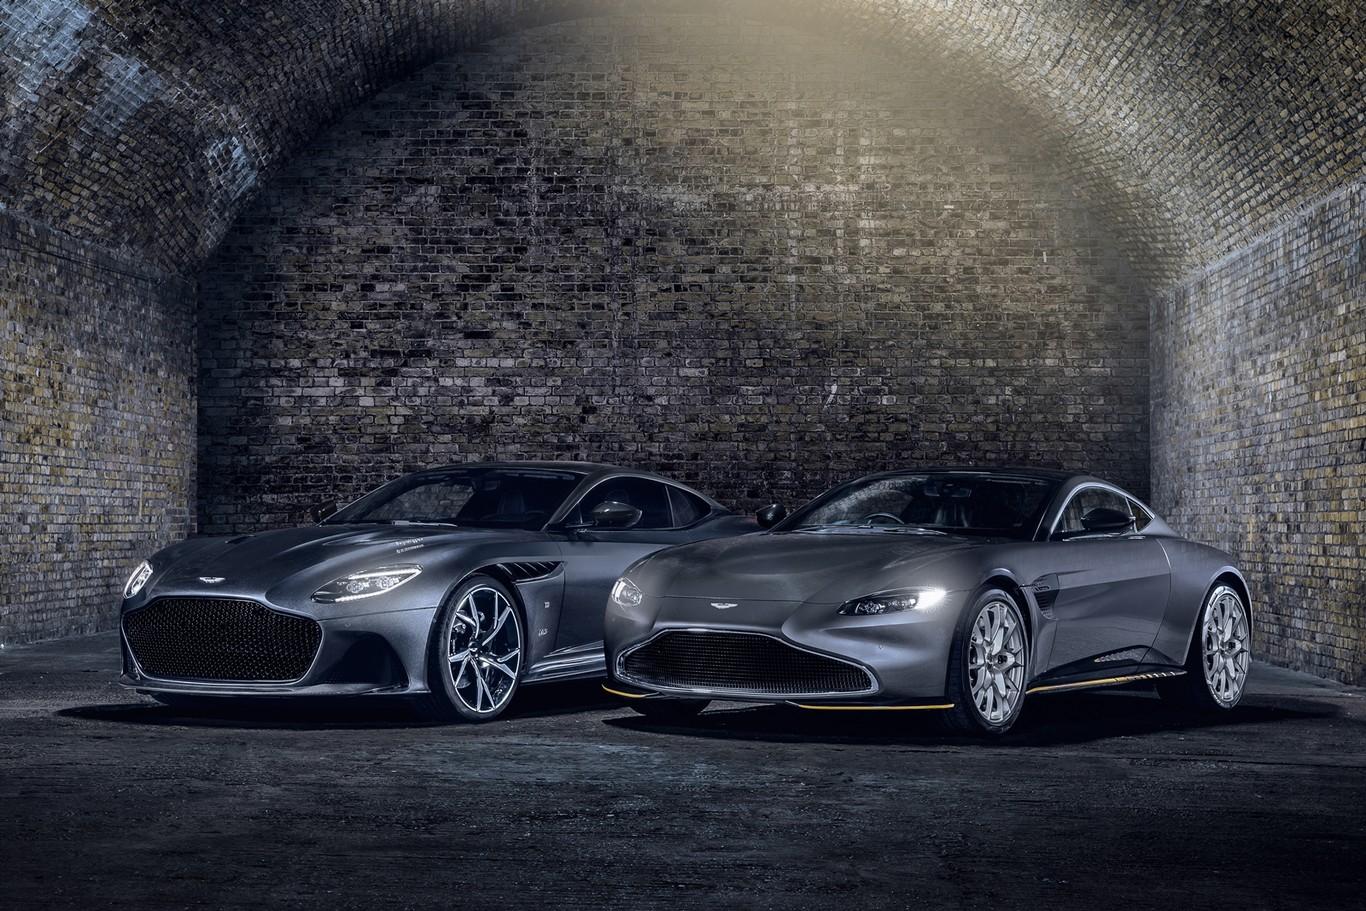 Aston Martin Dbs Superleggera Y Vantage 007 Edition Dos Ediciones Muy Limitadas Inspiradas En La Ultima Pelicula De James Bond